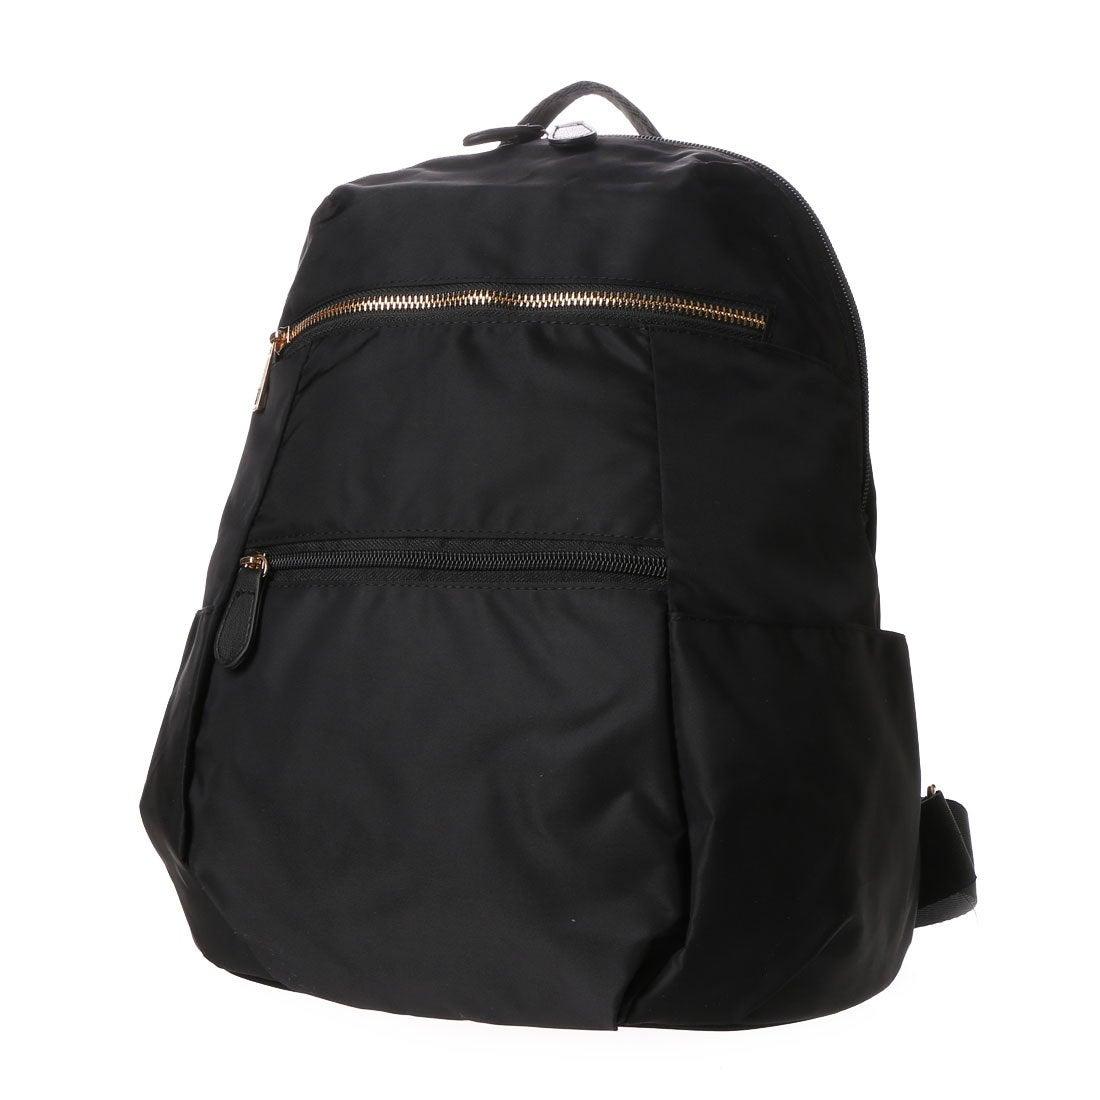 35f98a17a4 コムサイズム COMME CA ISM MONO コンパクトリュック (ブラック) -靴&ファッション通販 ロコンド〜自宅で試着、気軽に返品